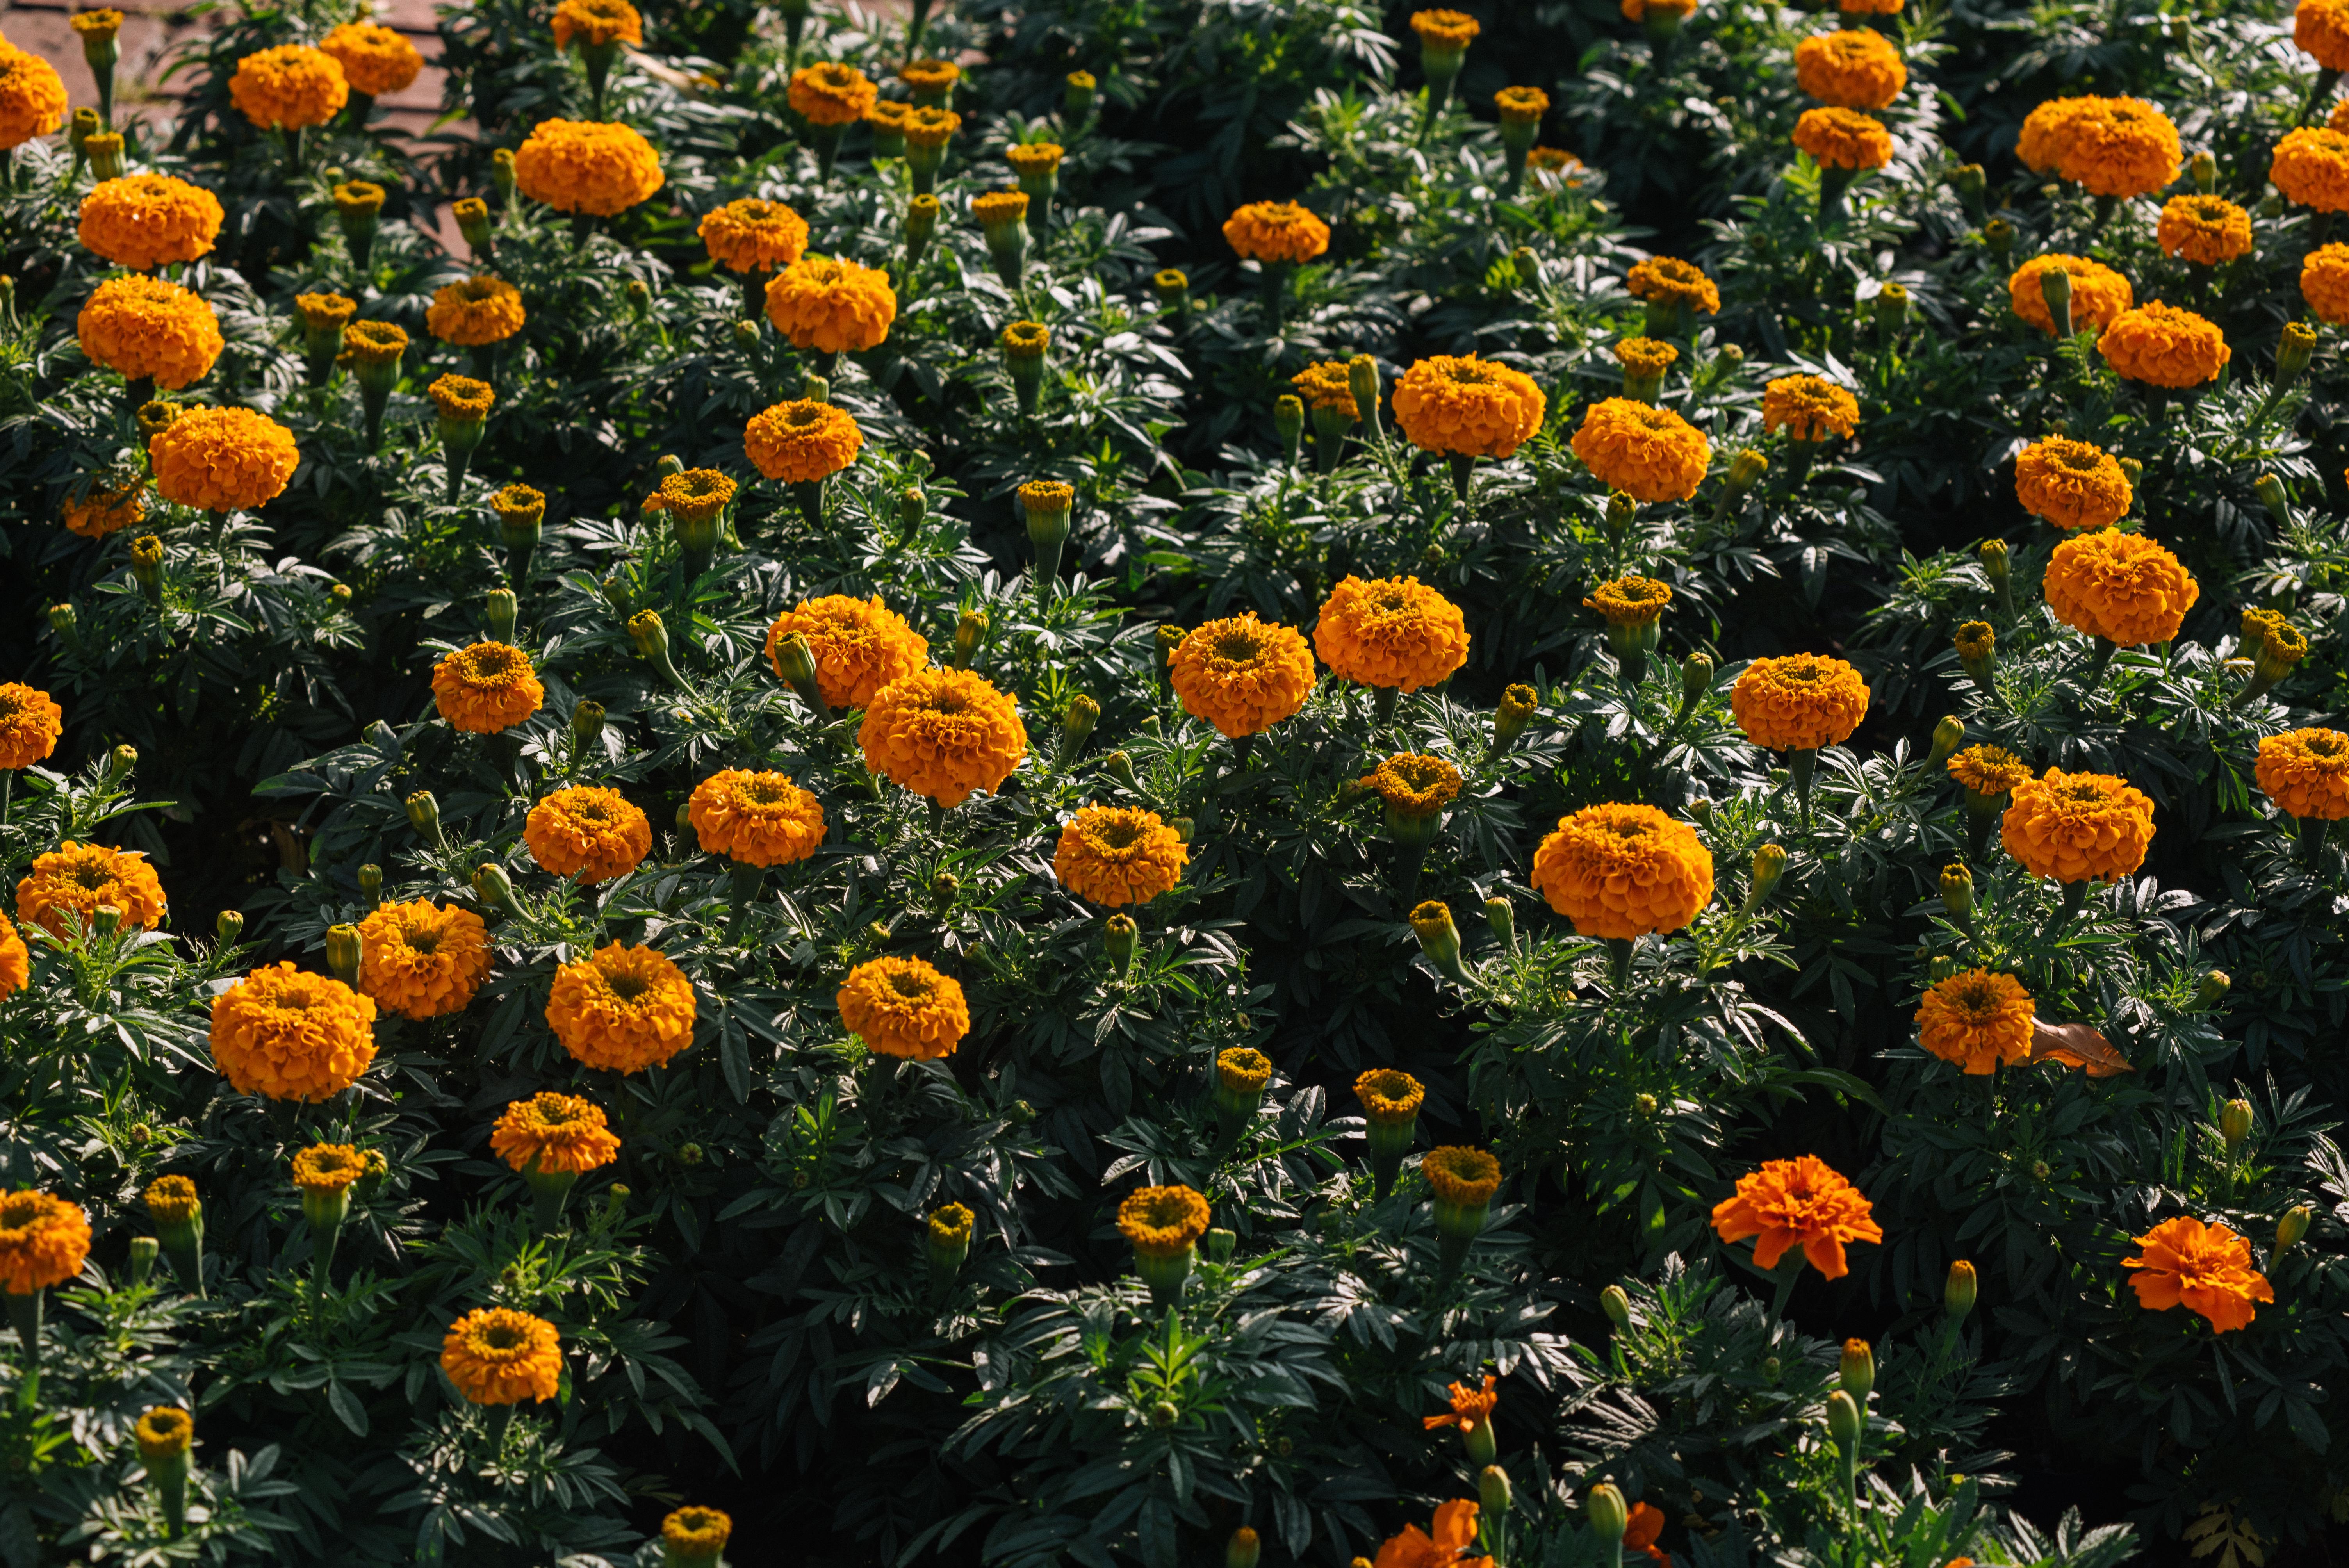 菊花顏色鮮艷,顛覆過往柔美、單調的刻版印象。攝影/林梓晴